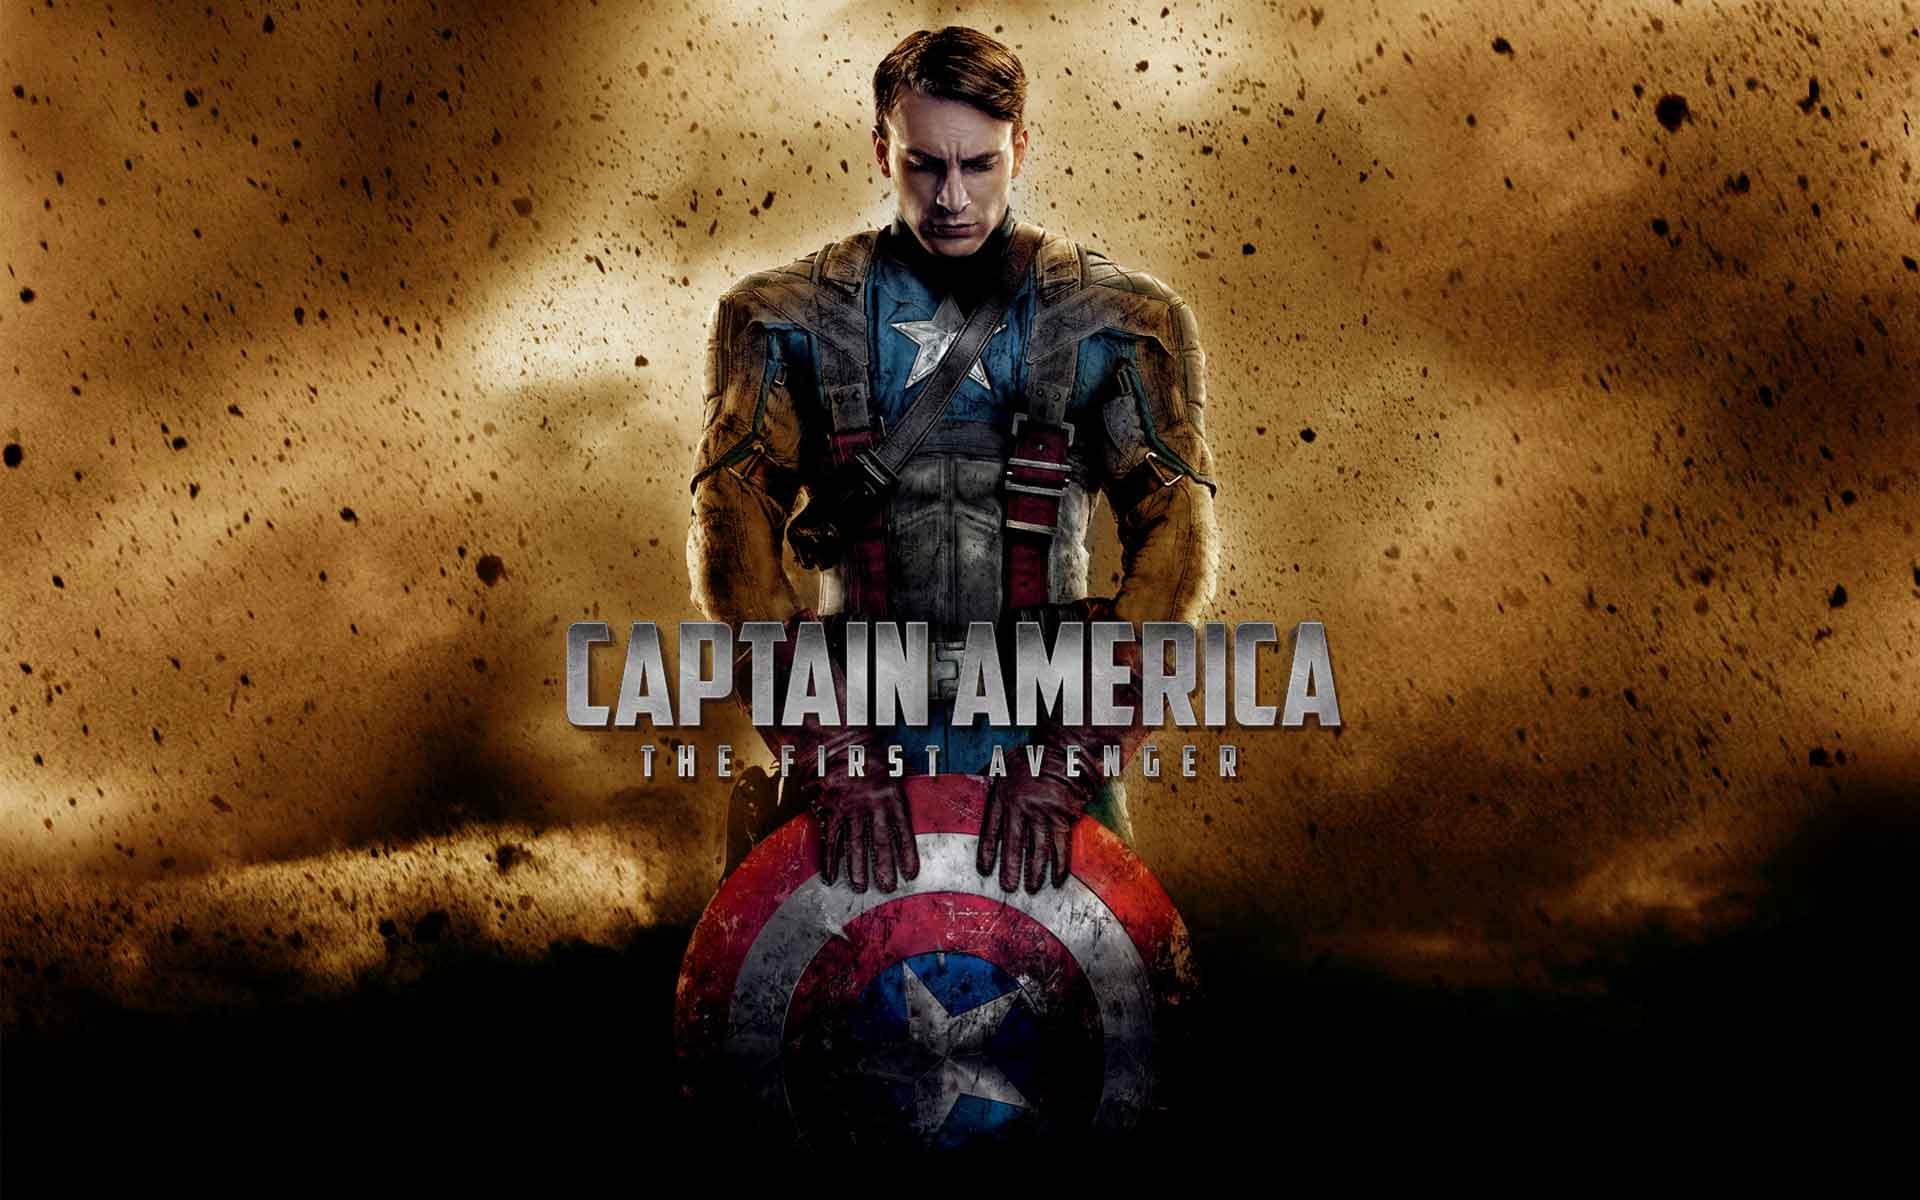 Captain America Wallpaper 19201200 121337 HD Wallpaper Res 1920x1200